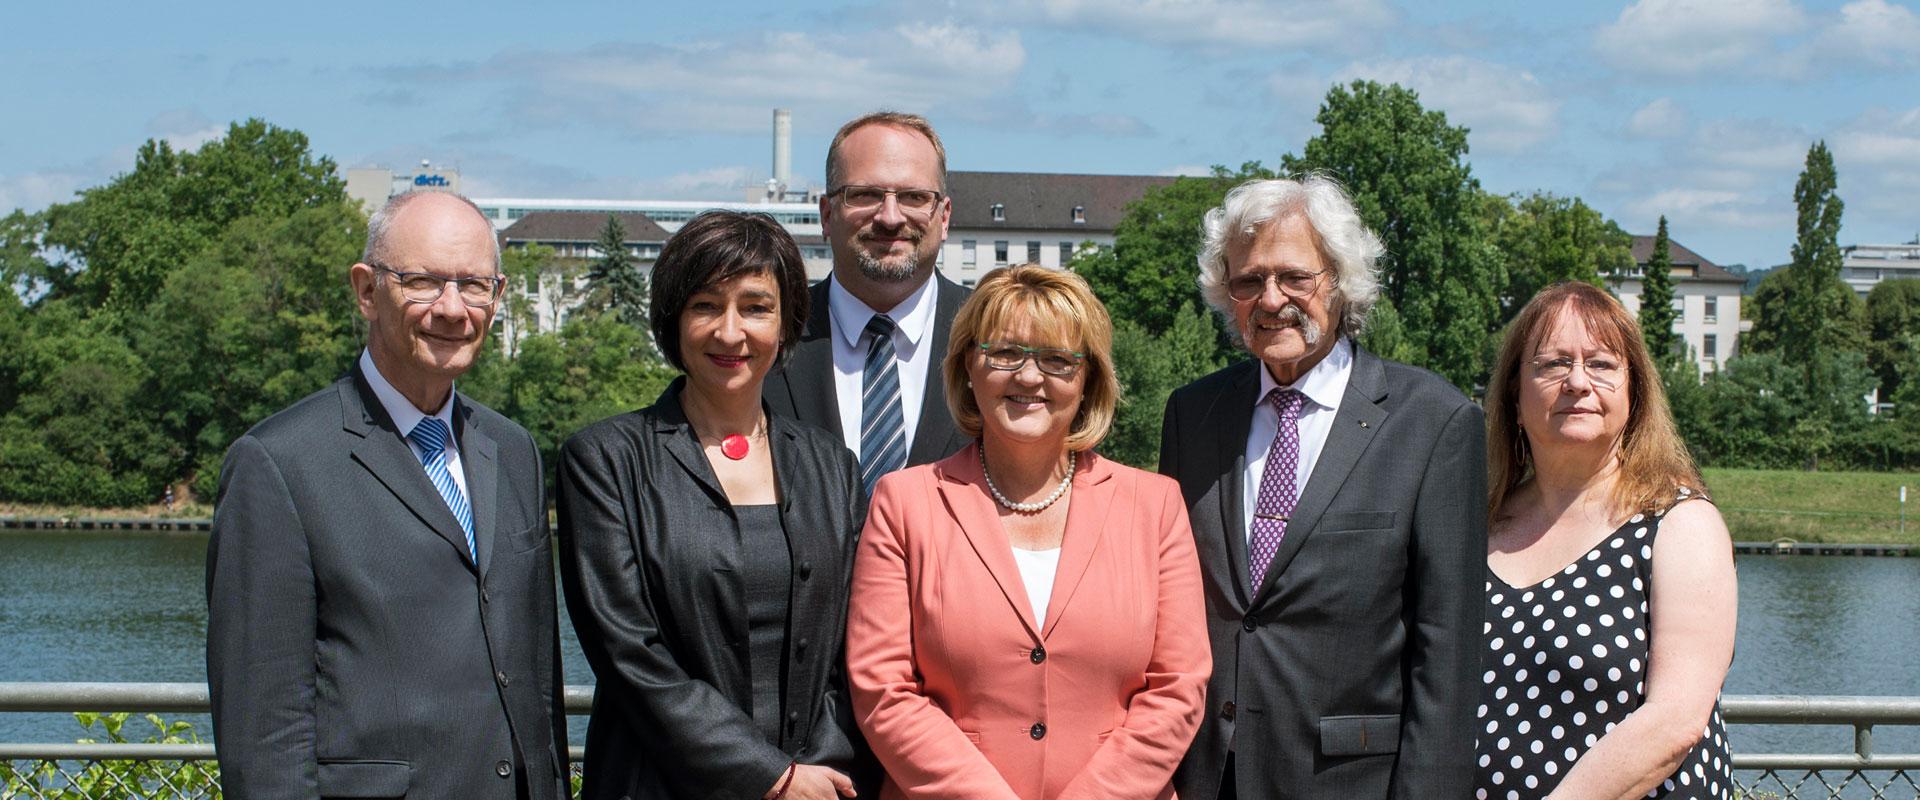 Präsidium der Steuerberaterkammer Nordbaden